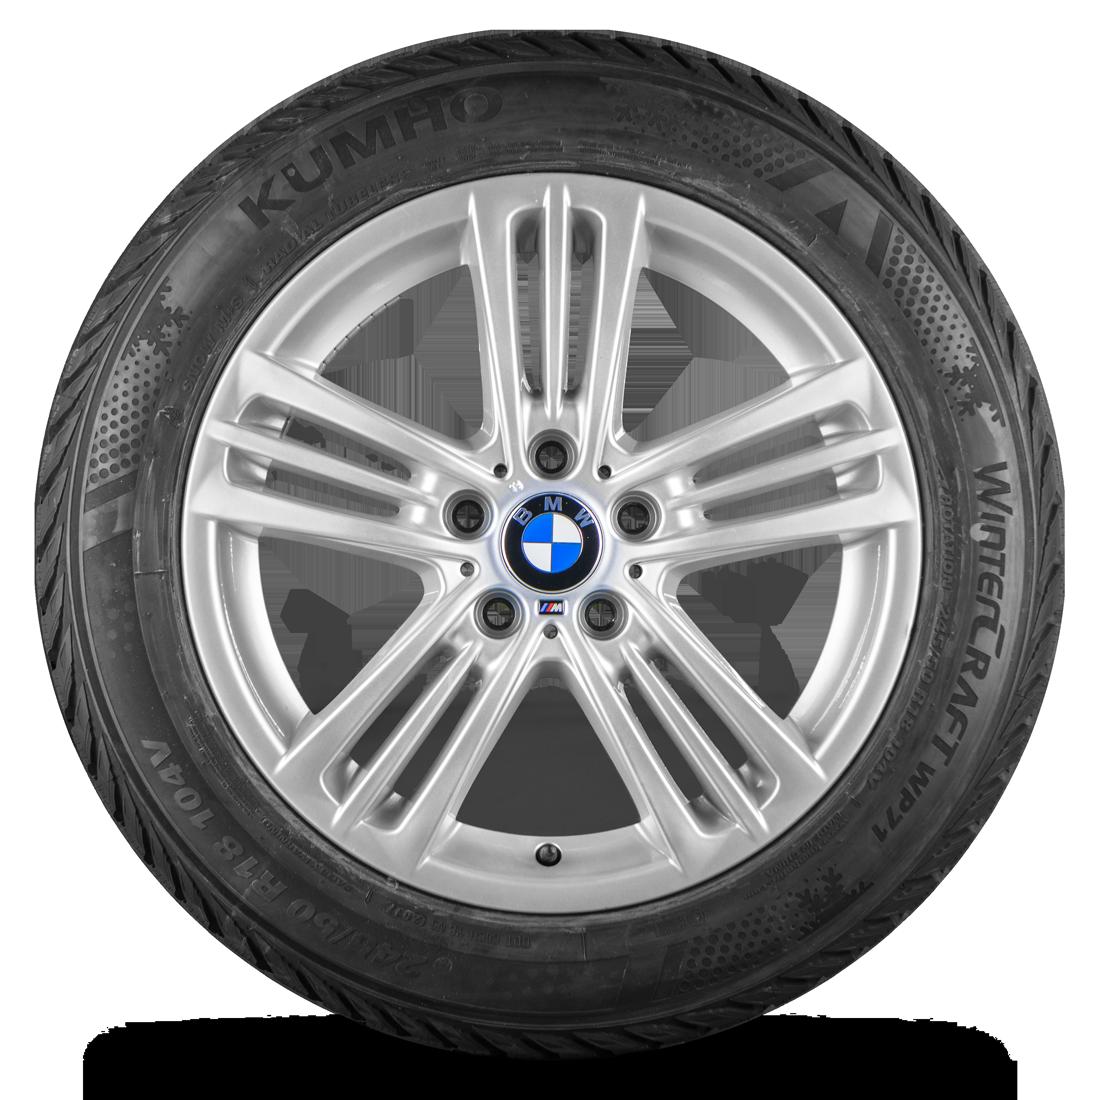 BMW X3 F25 X4 F26 18 Zoll Alufelgen M368 M 368 Winterräder Winterreifen 8 mm